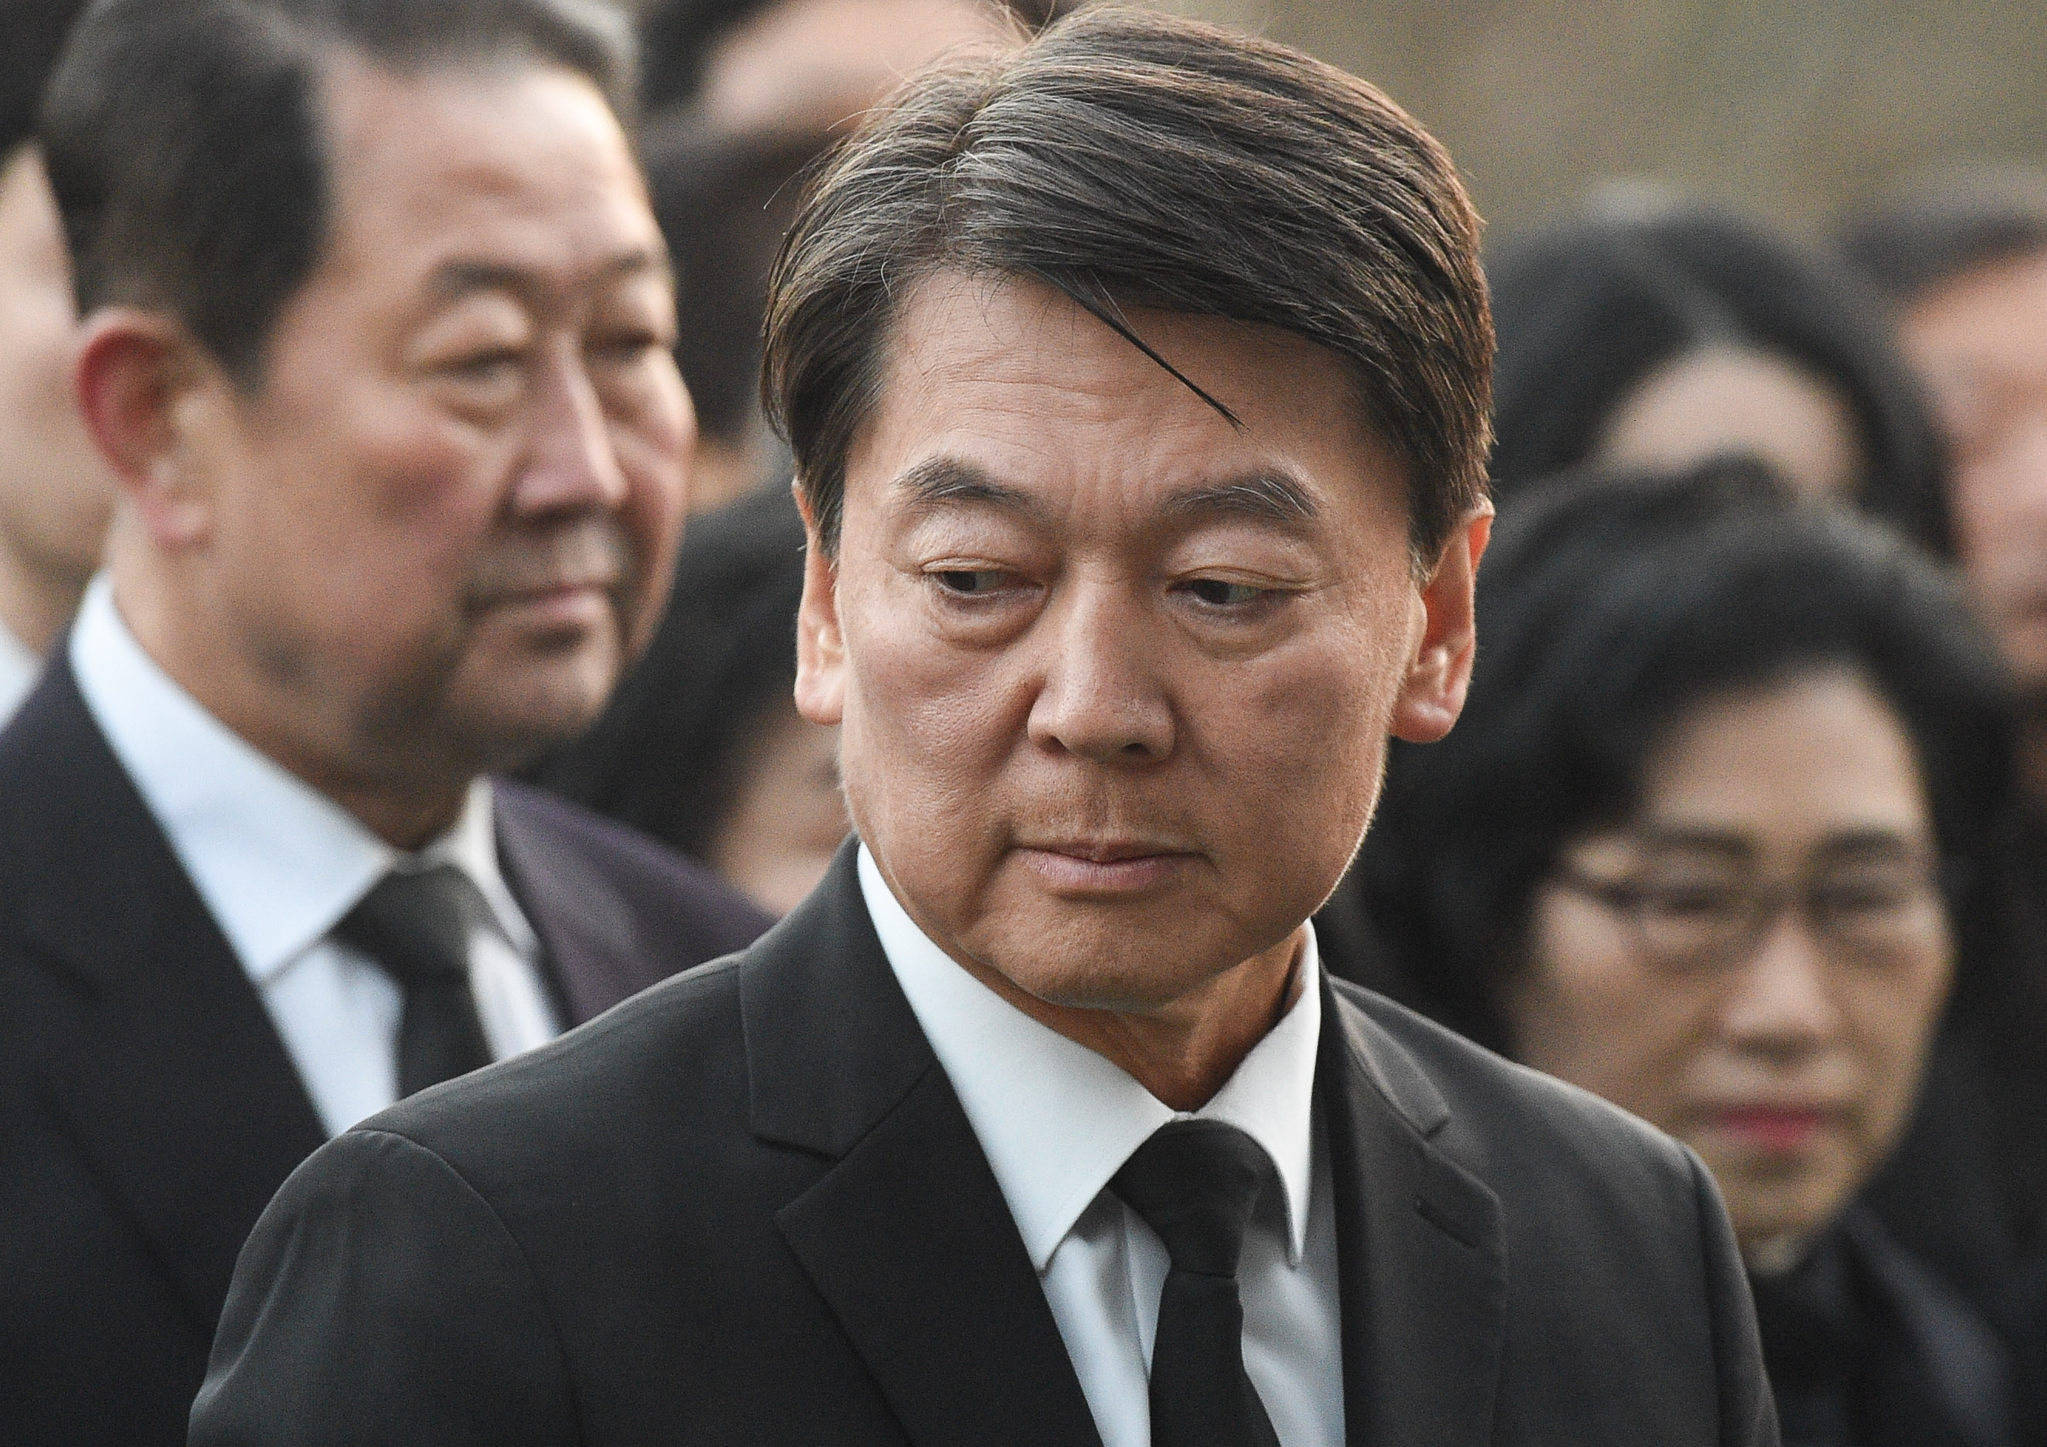 정계 복귀를 선언한 안철수 전 대표가 20일 오전 서울 동작구 국립서울현충원을 찾아 참배하고 있다. 임현동 기자